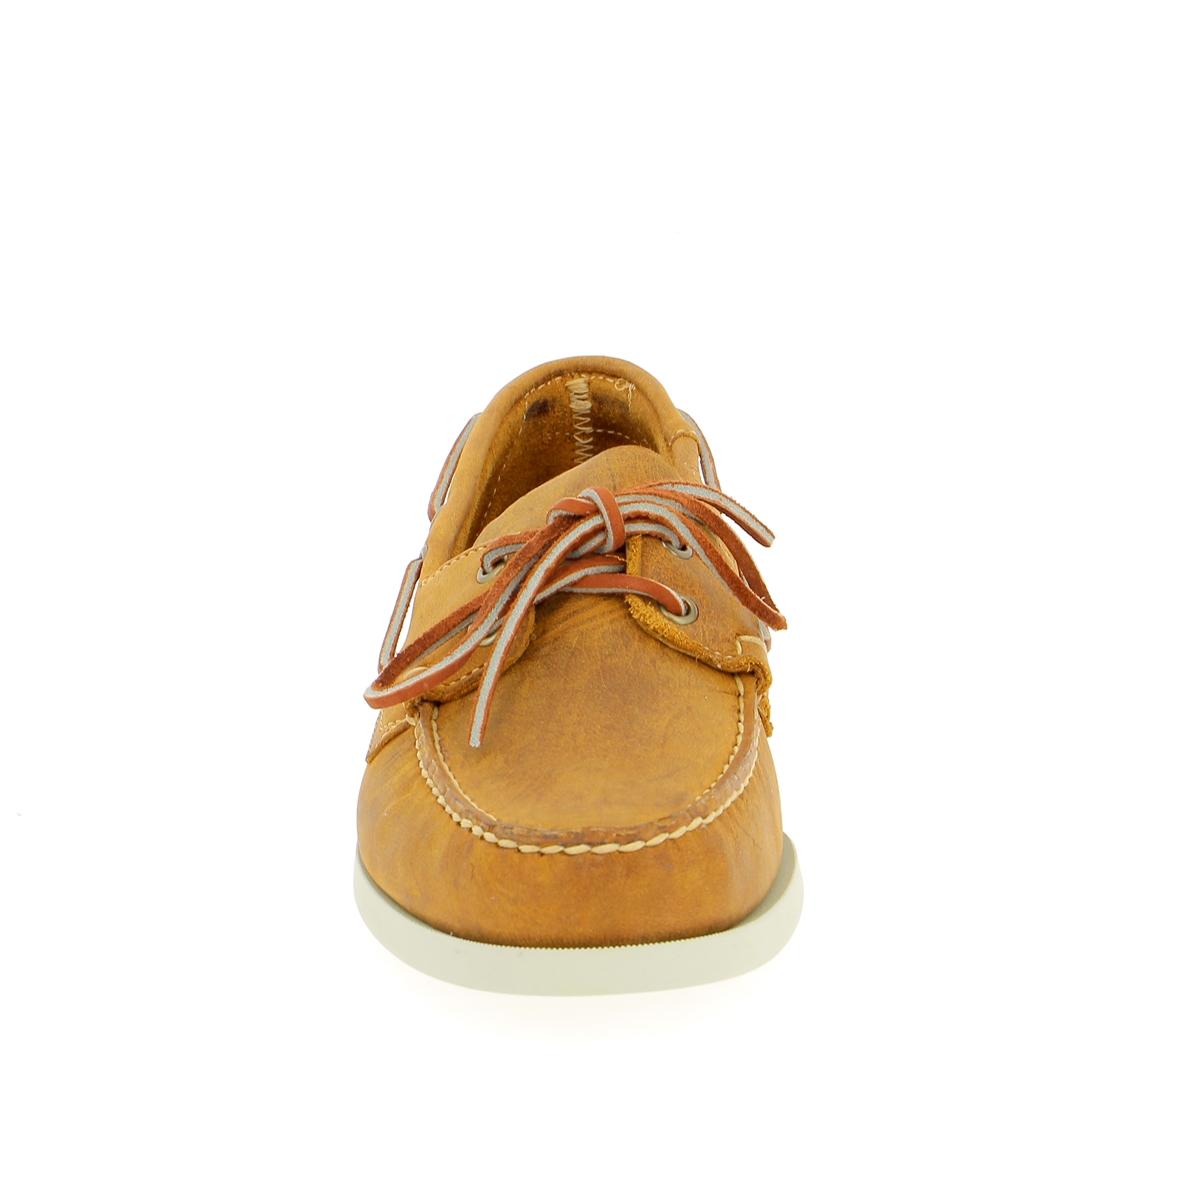 Sebago Bootschoenen naturel